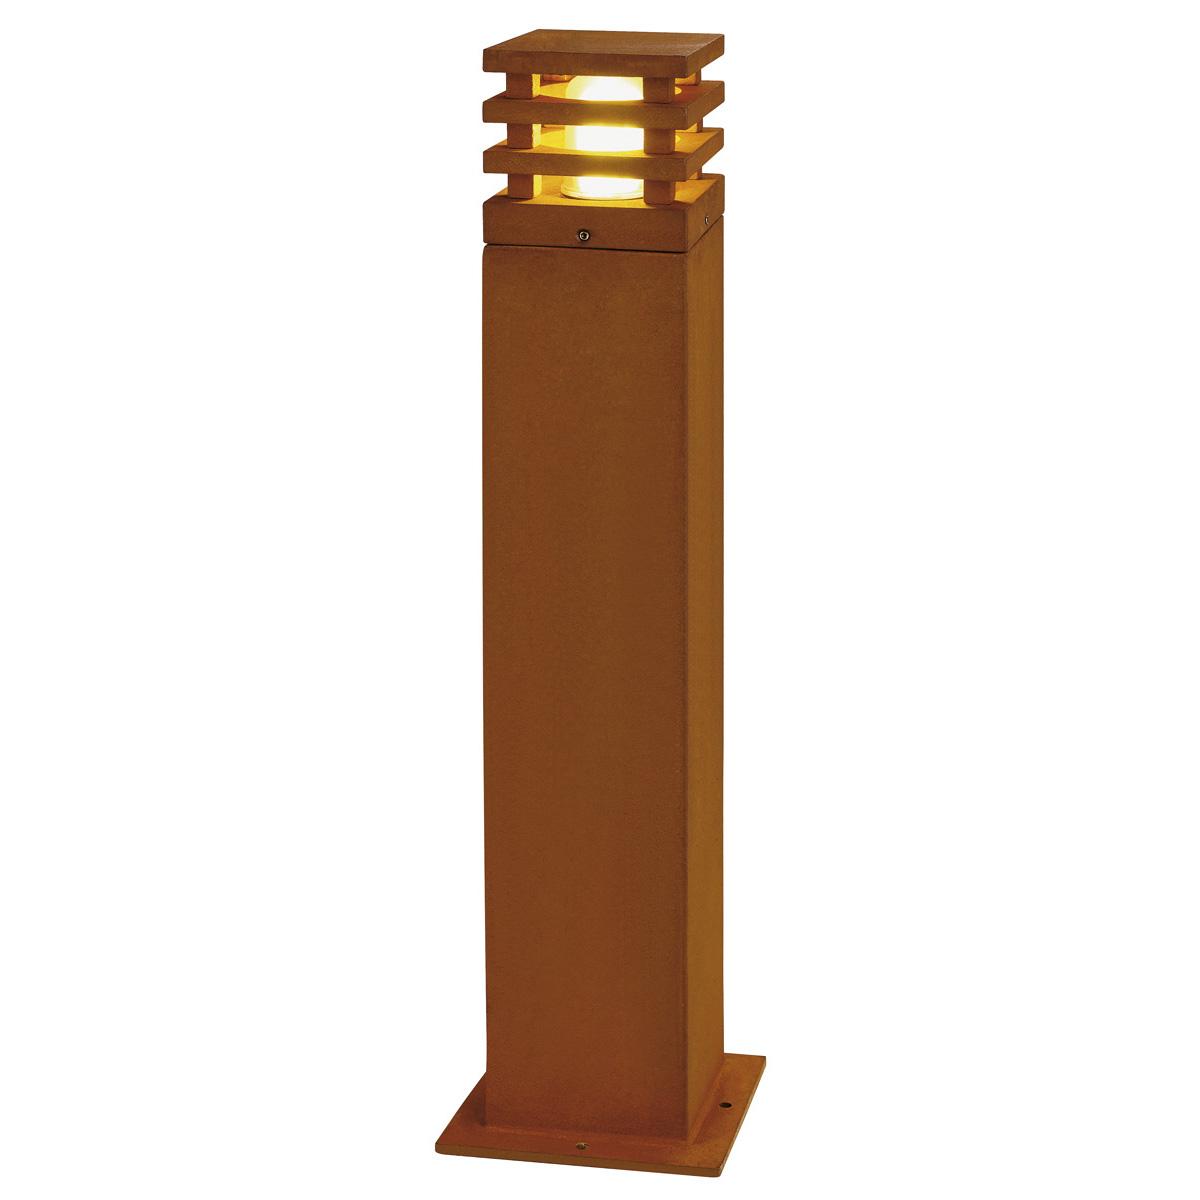 Außenleuchte RUSTY LED von SLV